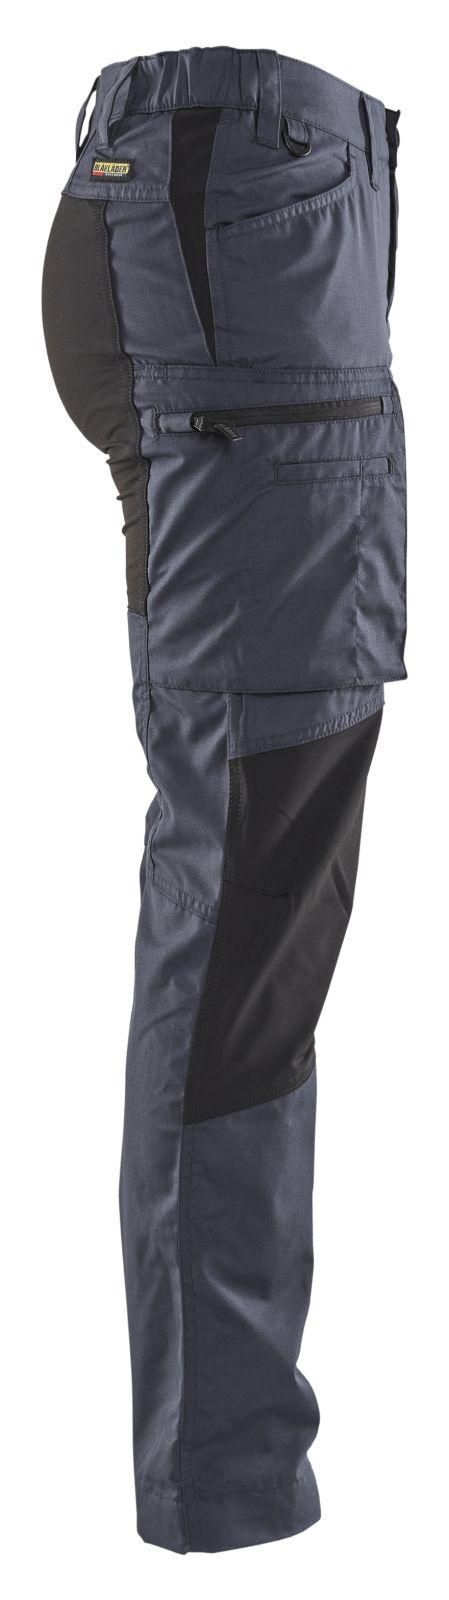 Blaklader Dames werkbroeken 71591845 grijs-zwart(9499)